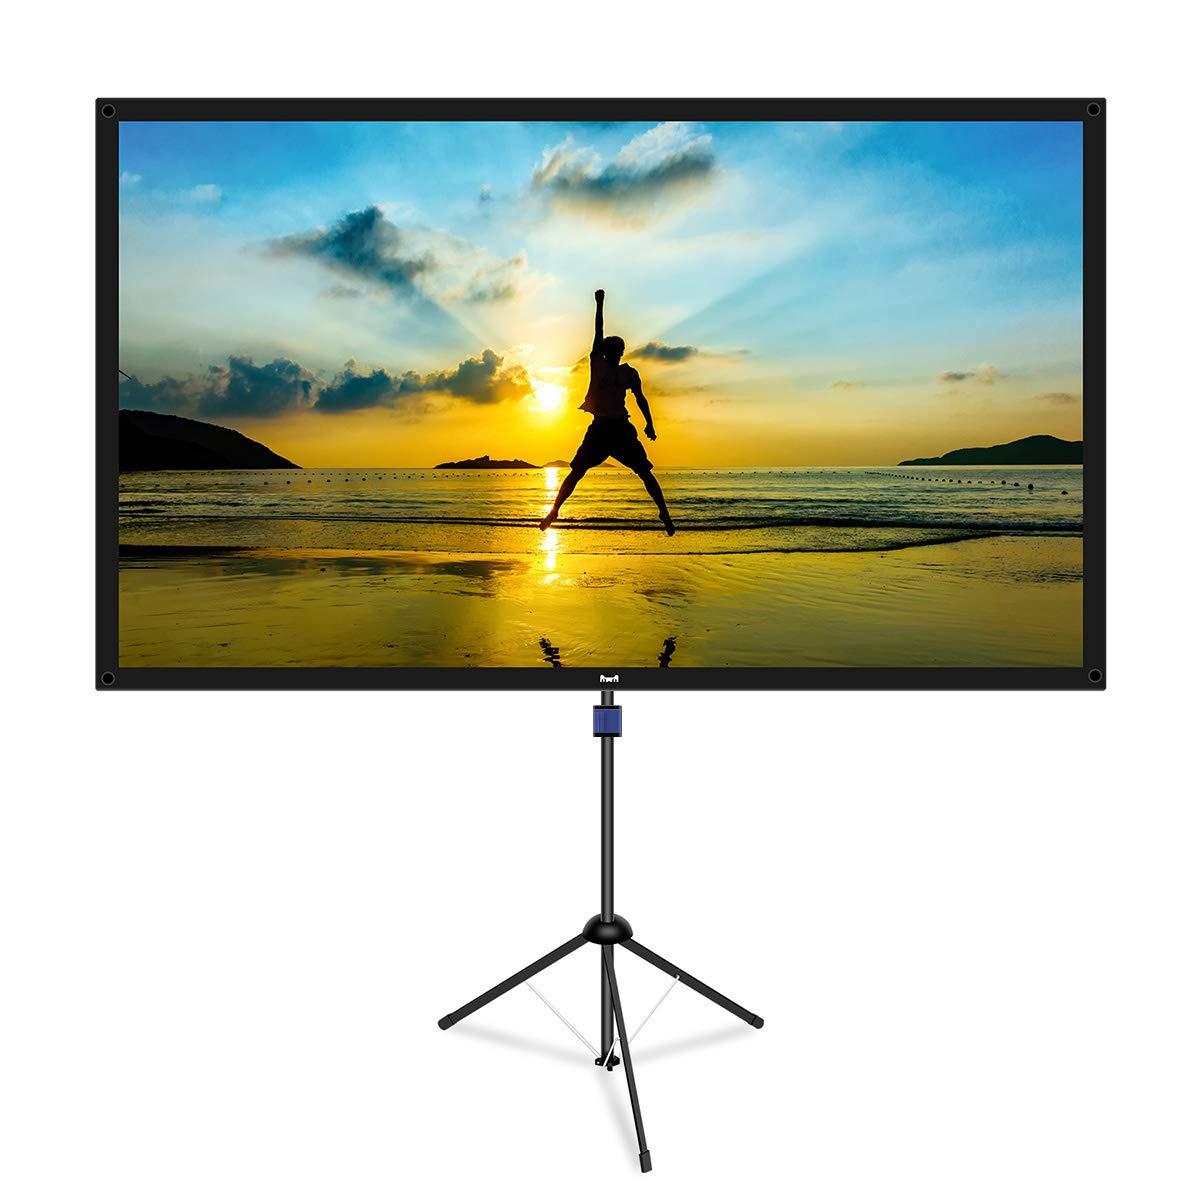 改良新版 4K対応 プロジェクタースクリーン (ガラス繊維材料) 自立式 携帯型 三脚式 屋内屋外兼用 最大80型 16:9 視野角160° 防しわ加工 お手入れ簡単 (価格は品質に等しいます) 80型(三脚式)  B07MVYCRGP